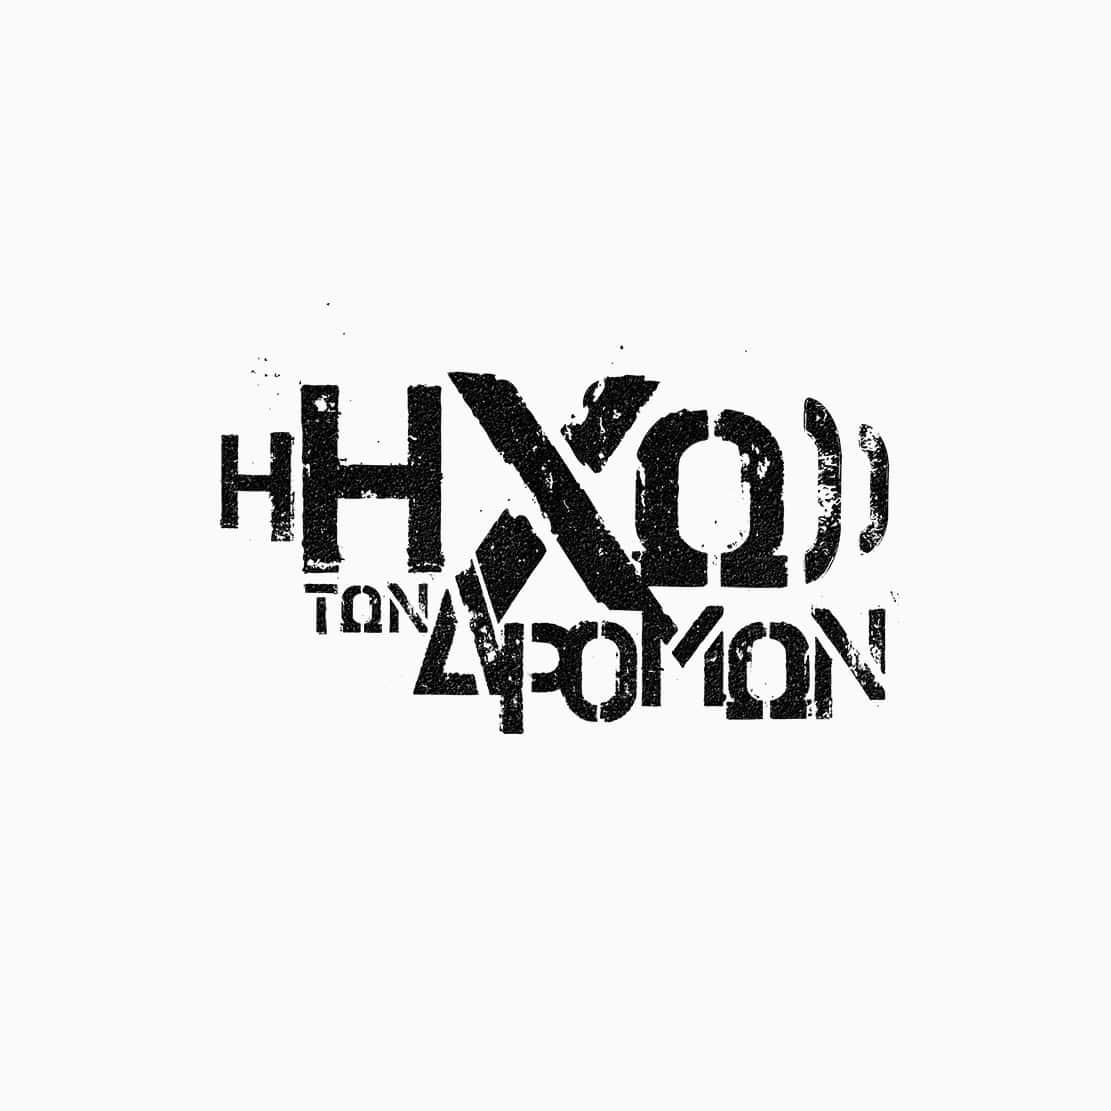 trakaliaroudis logo hxw twn dromwn